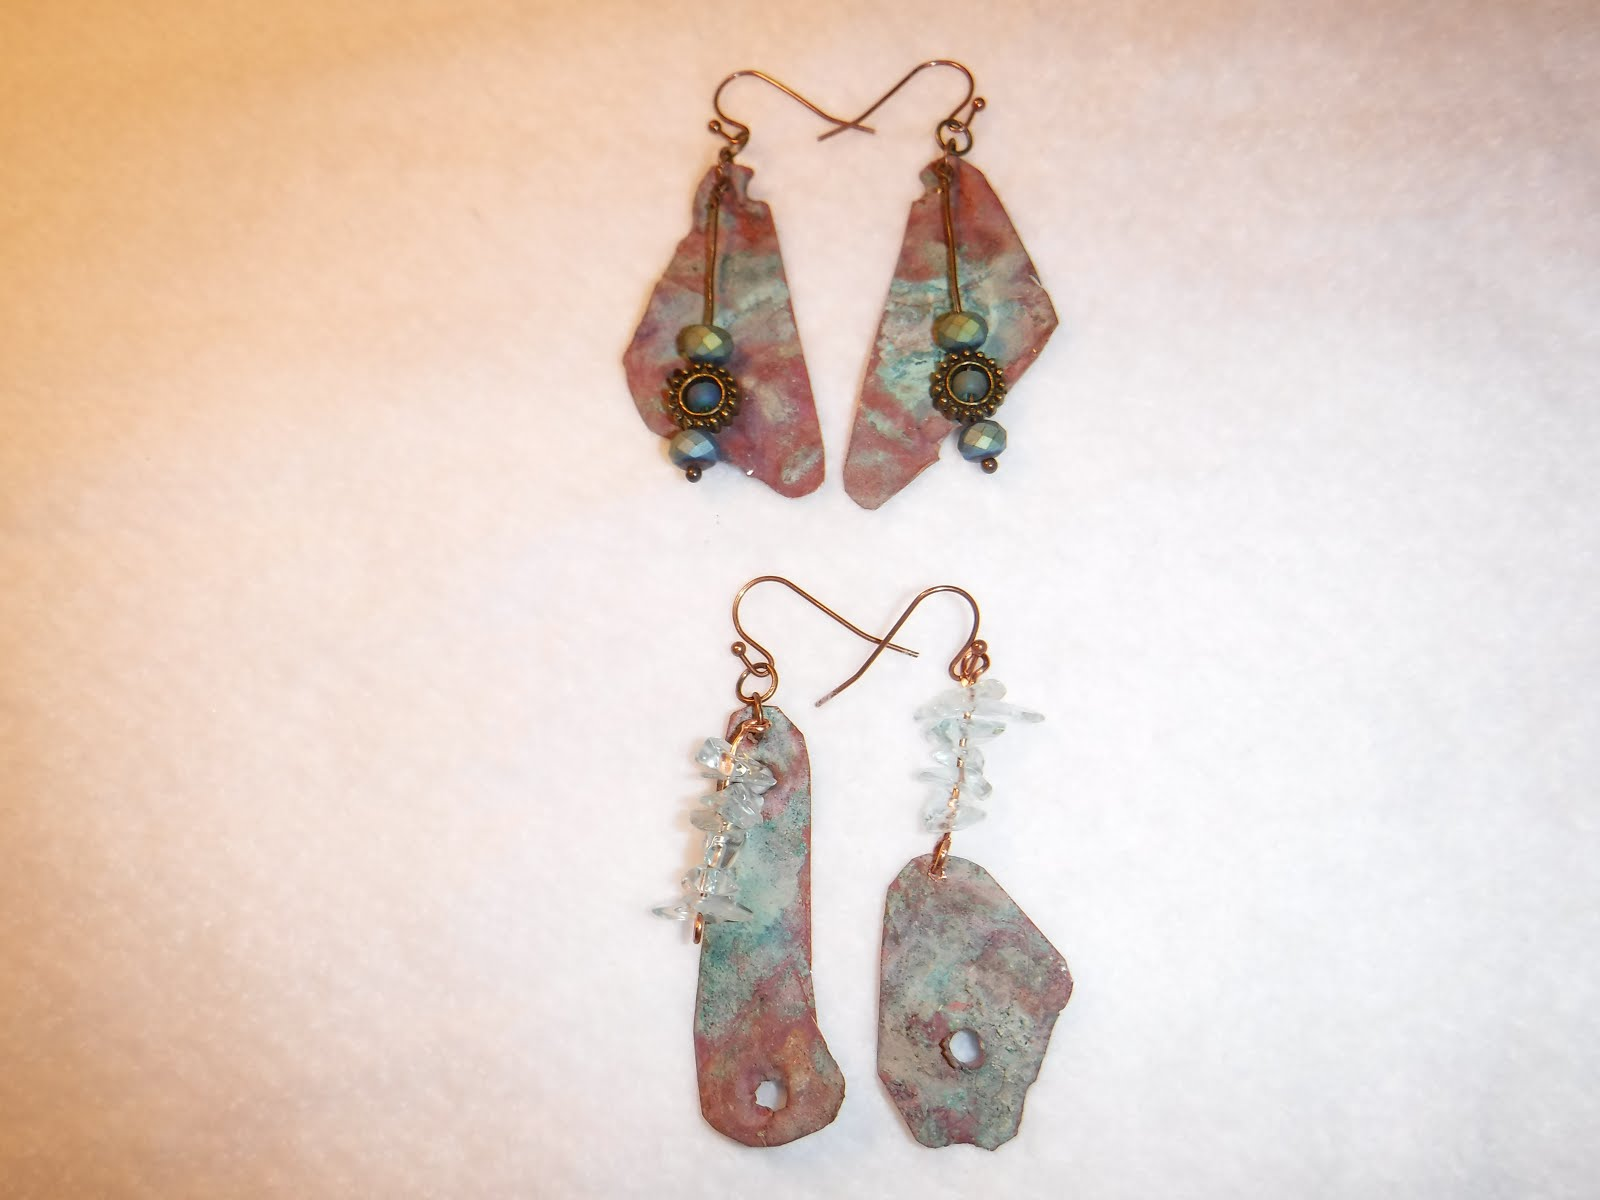 Copper roof earrings